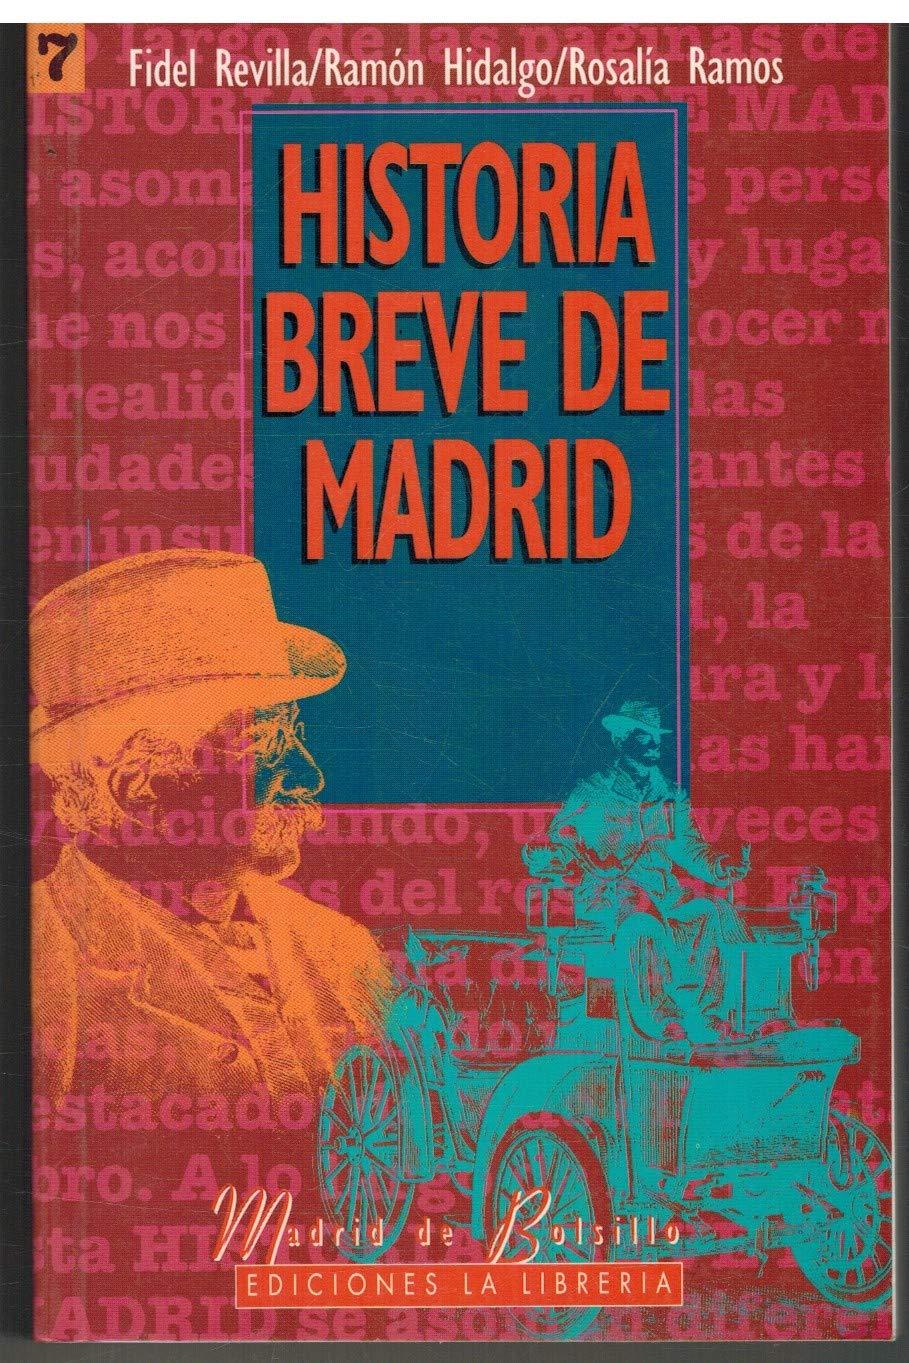 Historia breve de Madrid: Amazon.es: Revilla, Fidel, Ramos, Rosalía: Libros